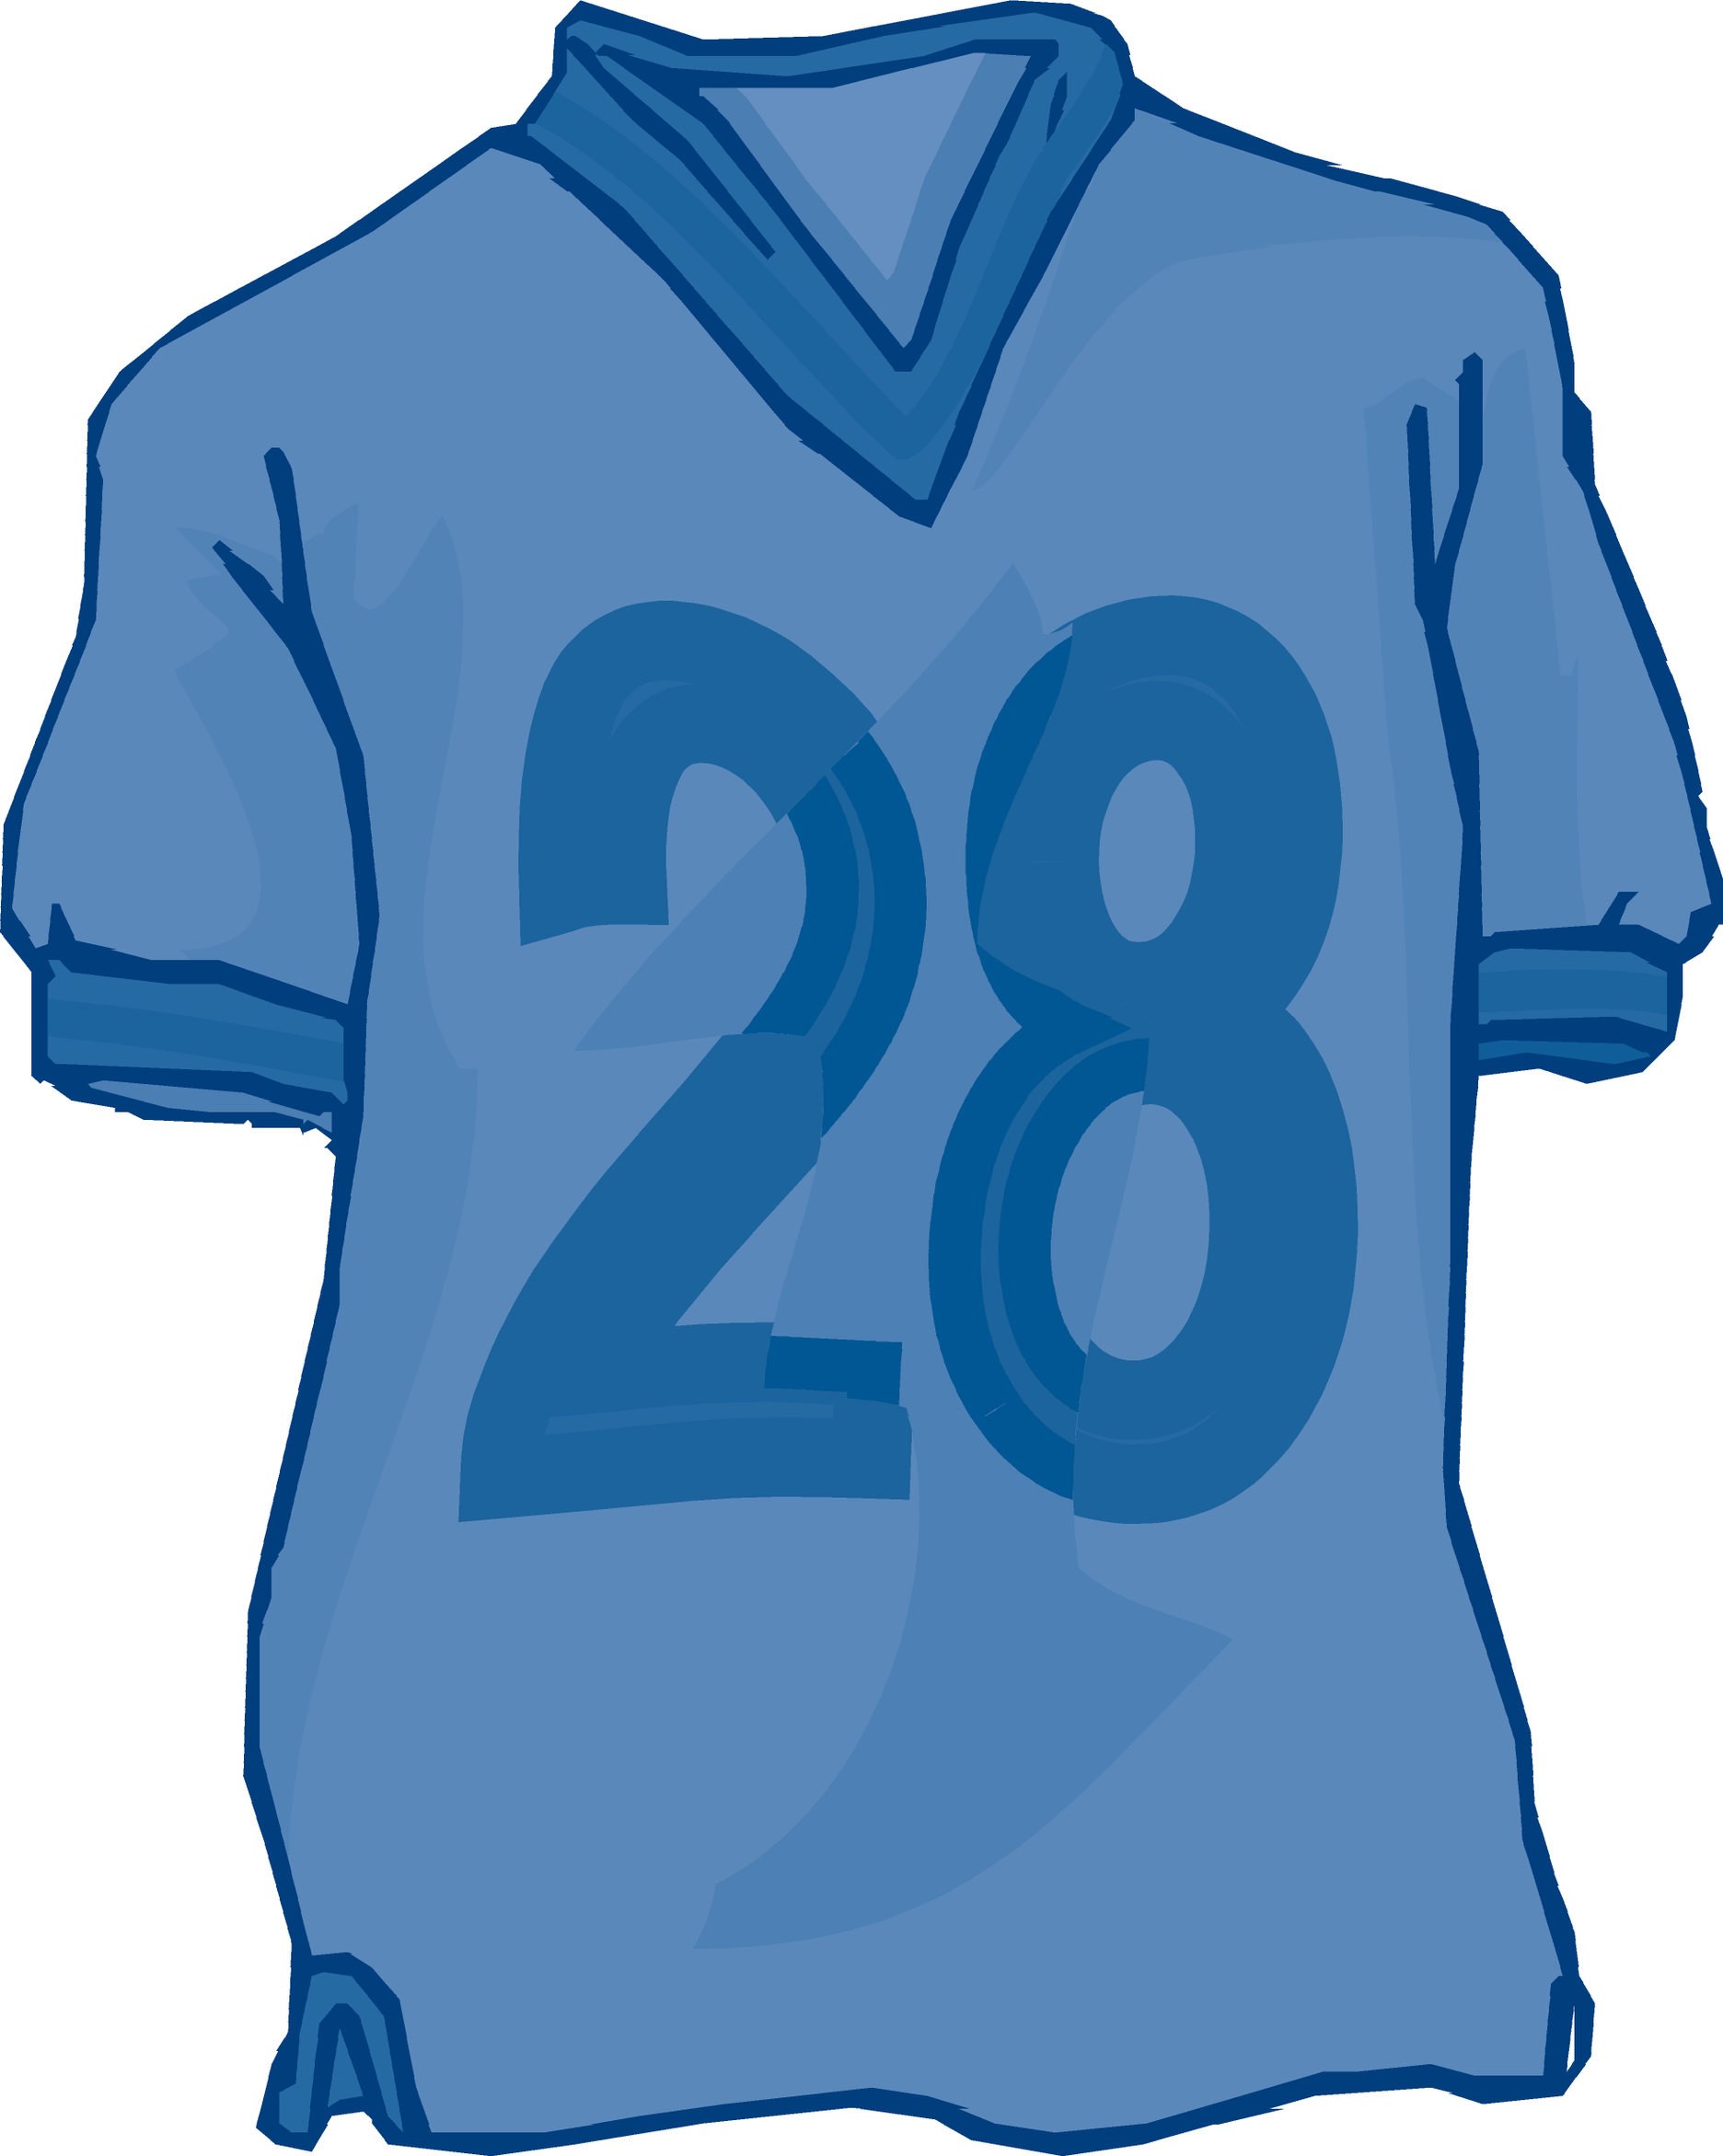 Football Jersey Clipart.